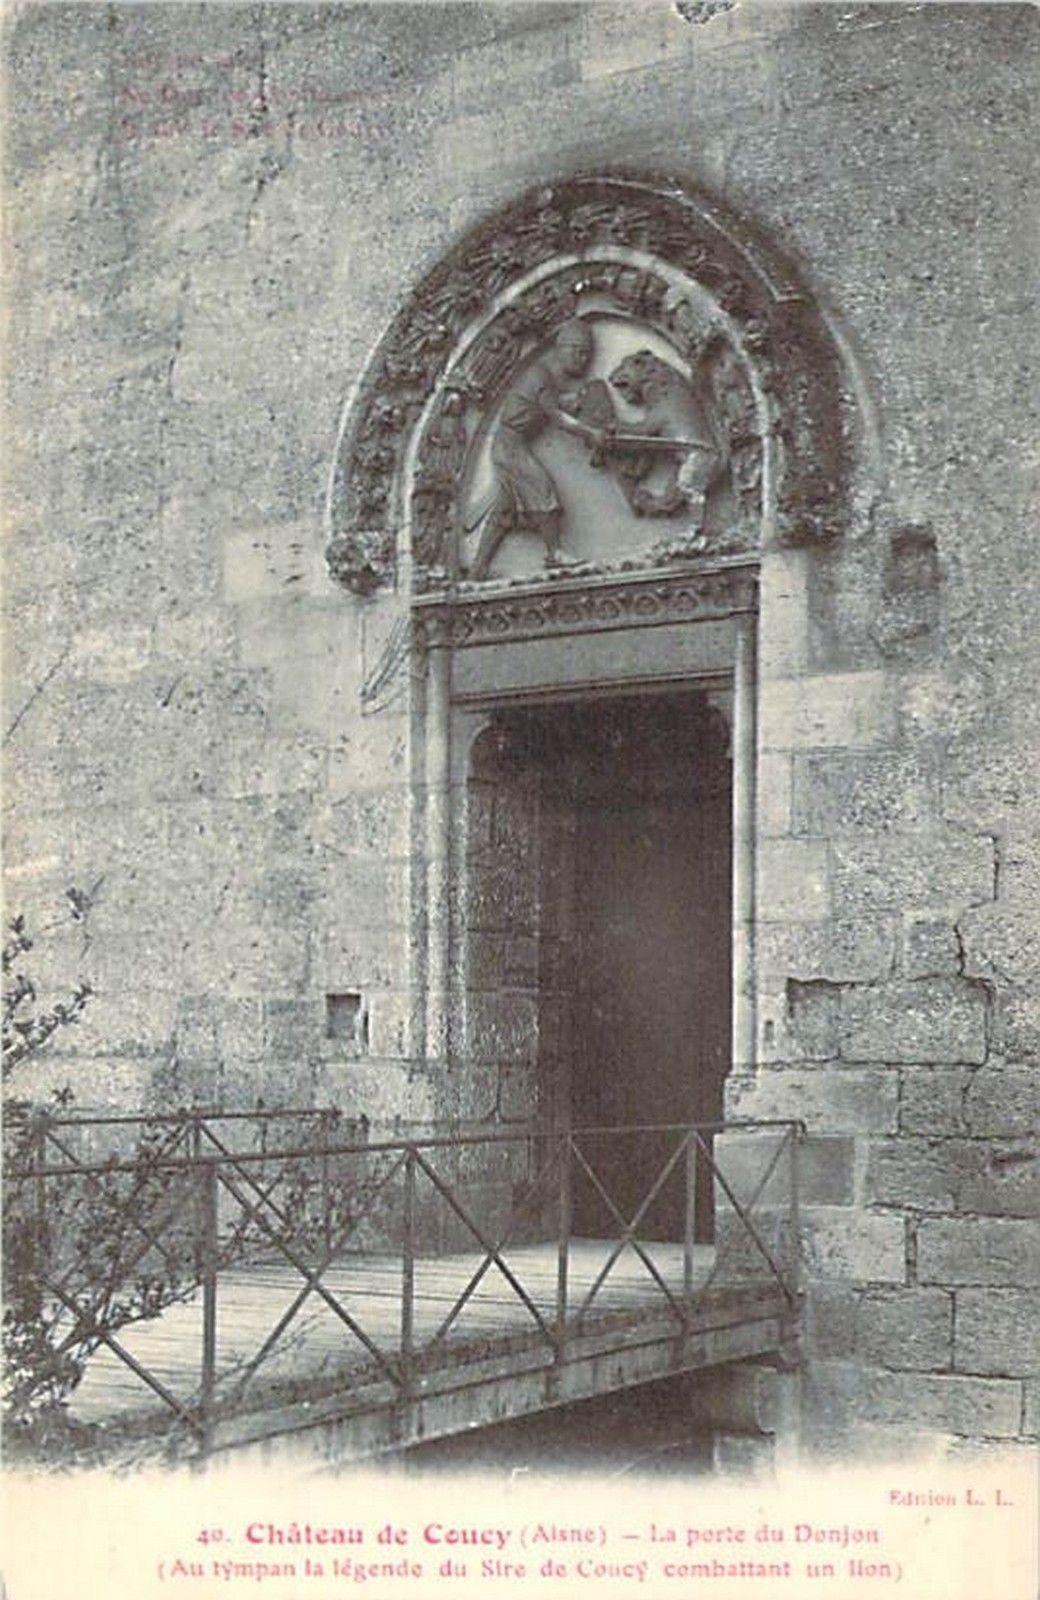 Coucy Le Chateau Auffrique Chateau Coucy Porte Du Donjon Avant